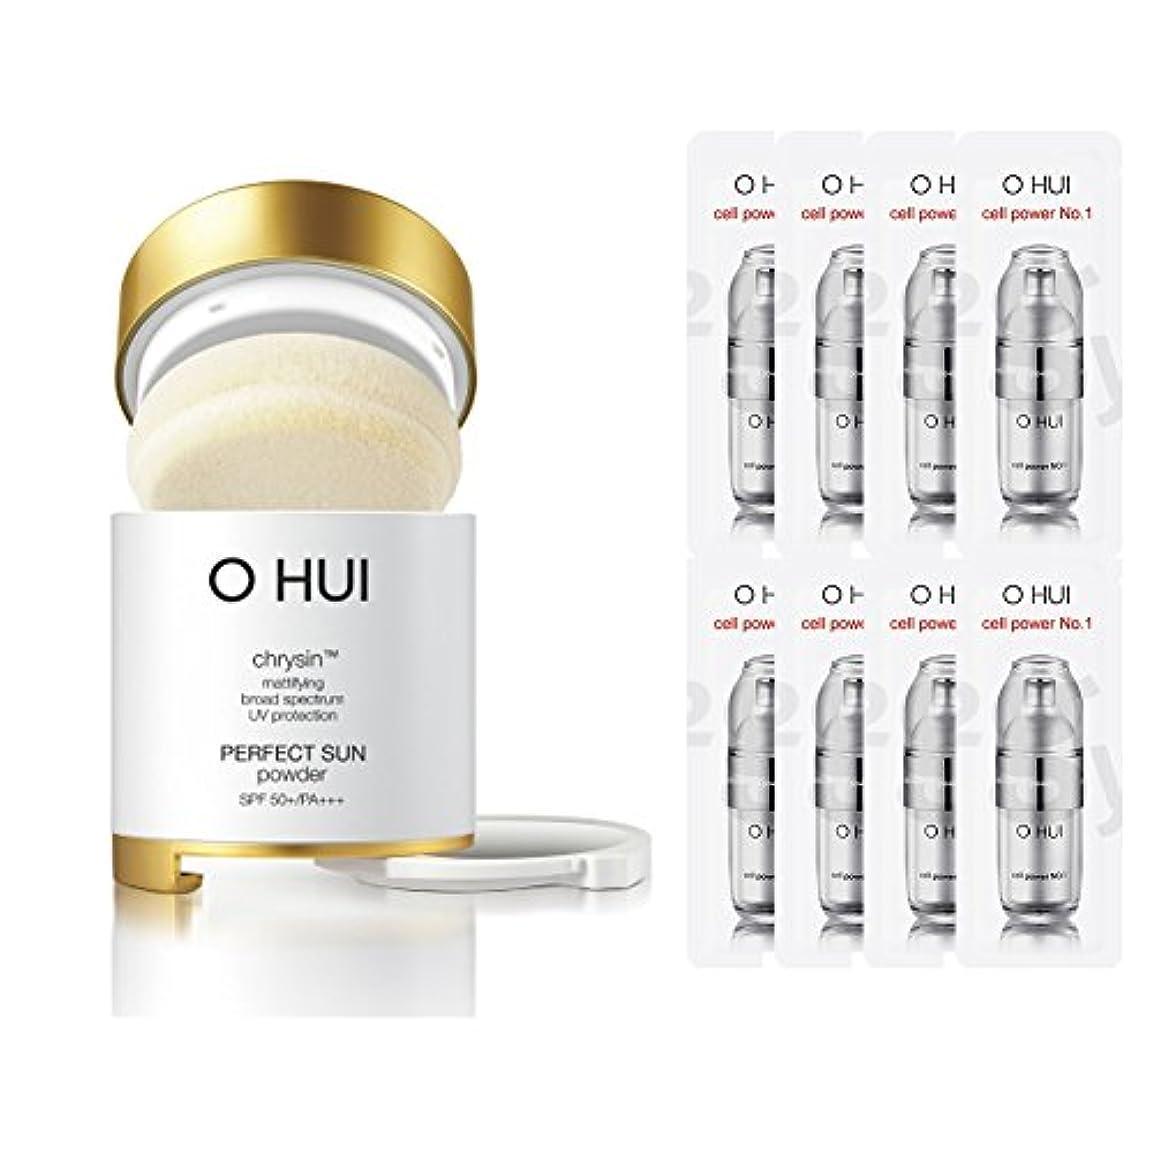 到着するかんたん豊富なOHUI/オフィ2015年 パーフェクトサンパウダー (OHUI Version Perfect Sun Powder SPF50++PA+++ Special Gift set) スポット [海外直送品] (2号ベージュ)